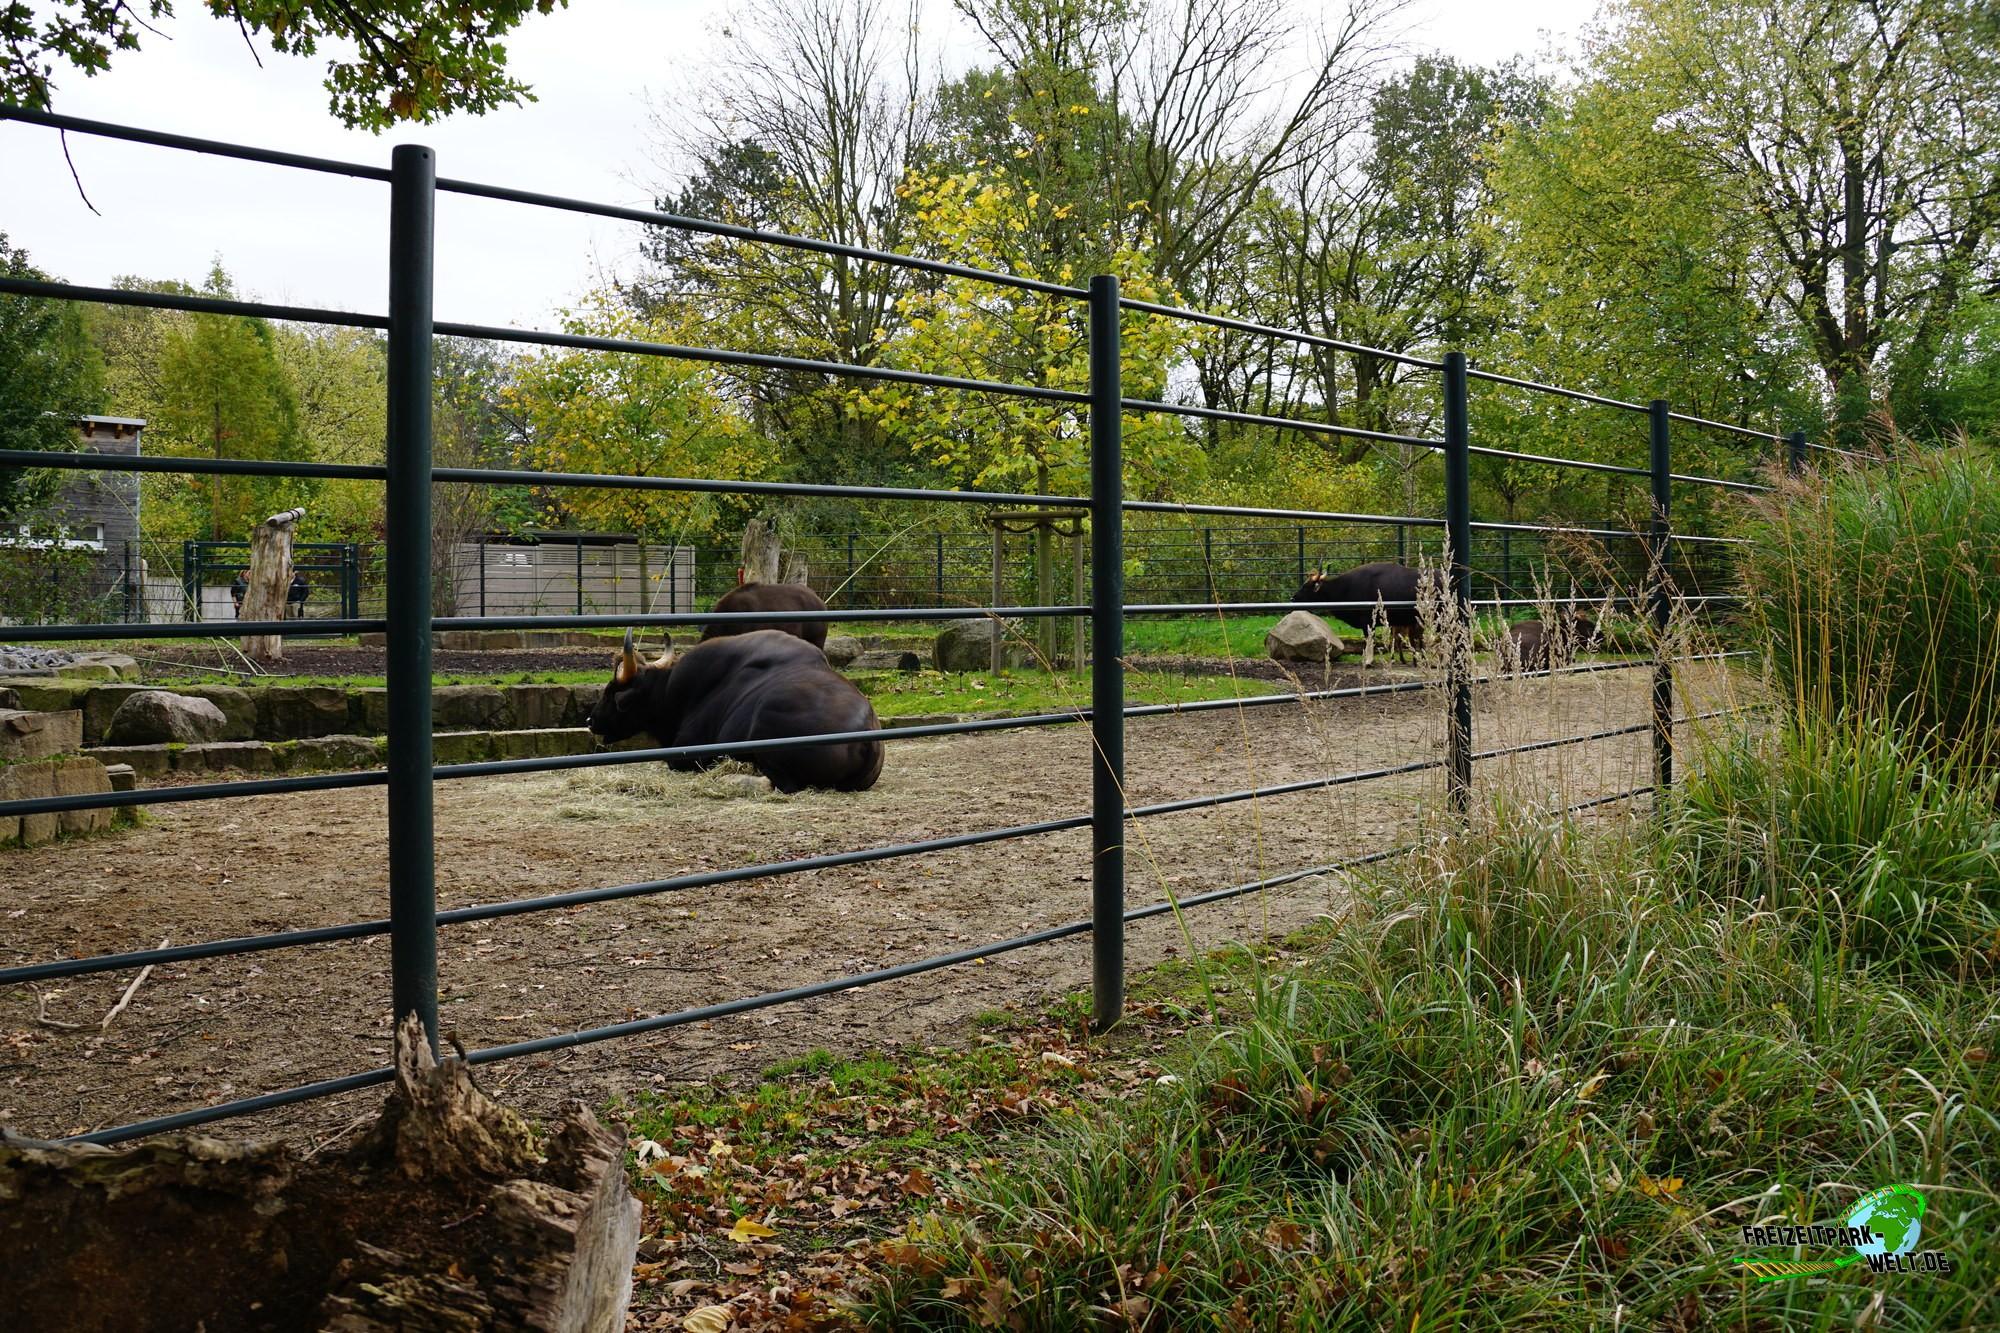 vorderindischer gaur zoo dortmund freizeitpark. Black Bedroom Furniture Sets. Home Design Ideas